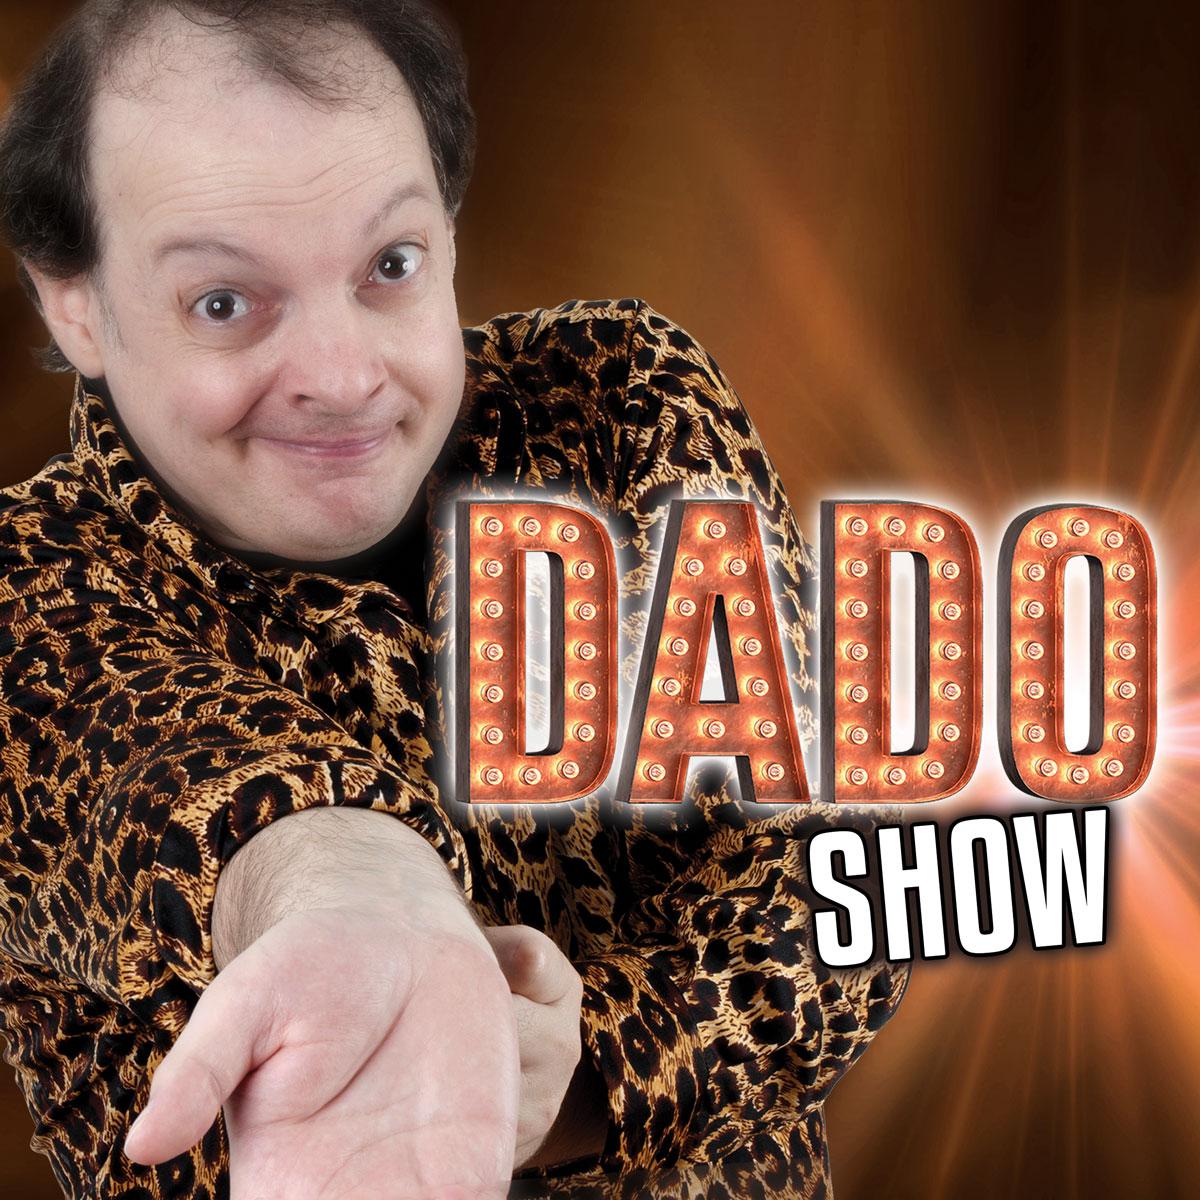 Artista Dado Show